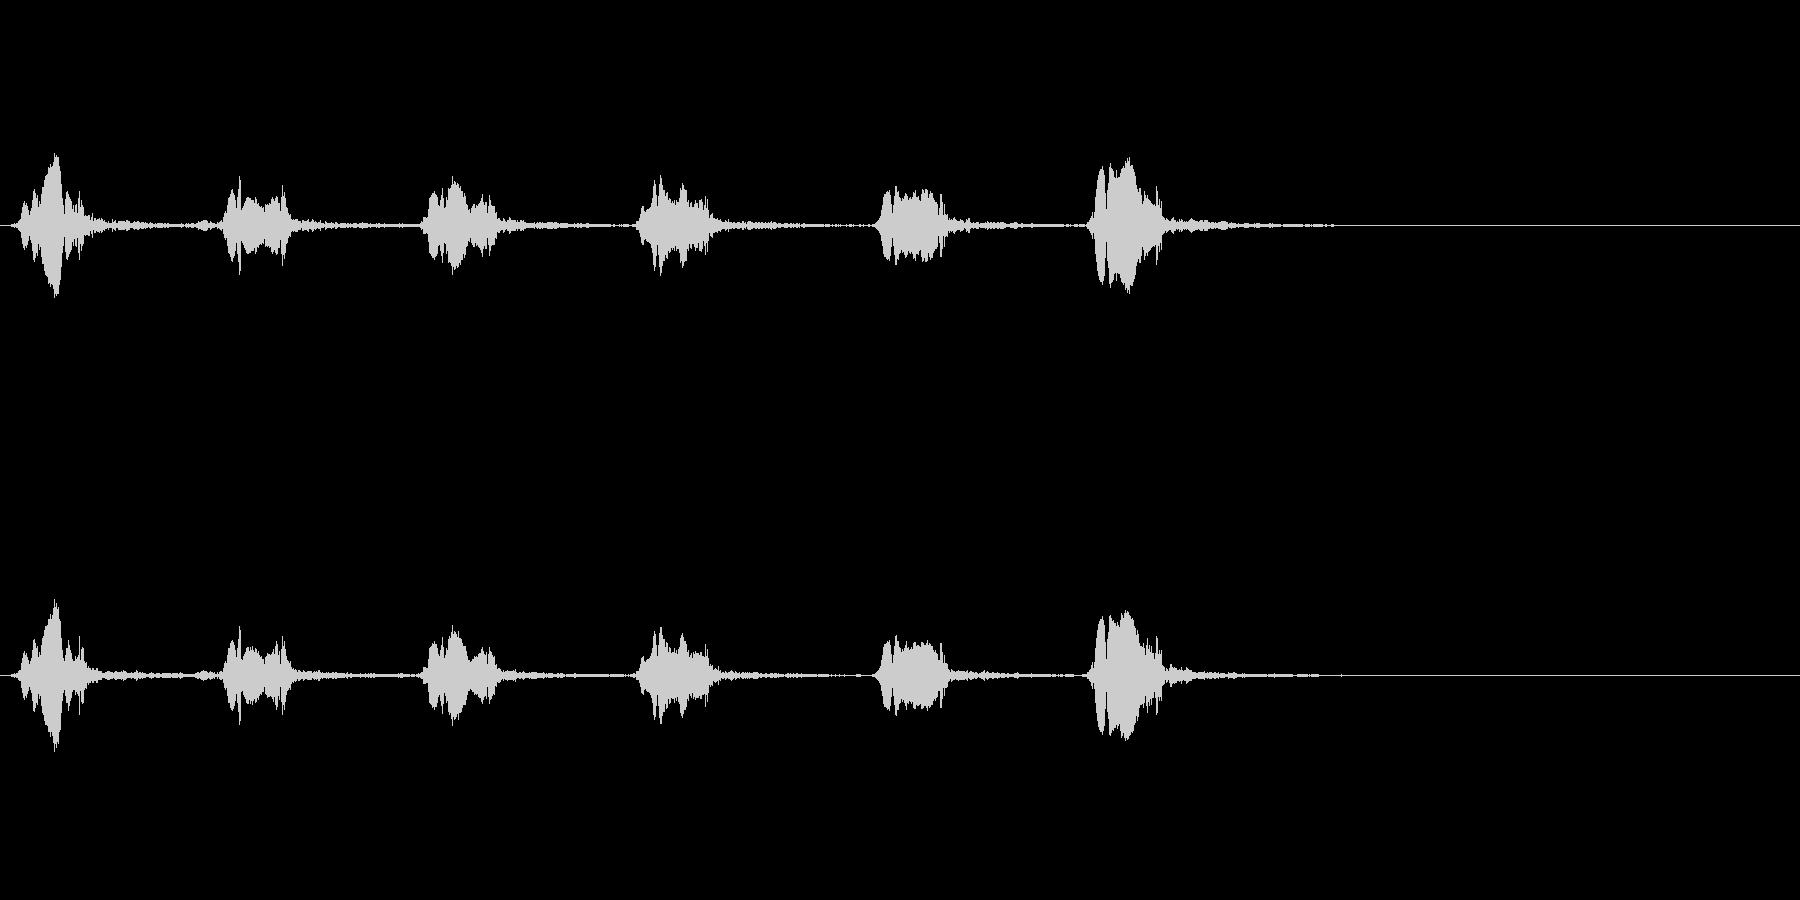 カラスの鳴き声(一匹、飛びながら)の未再生の波形